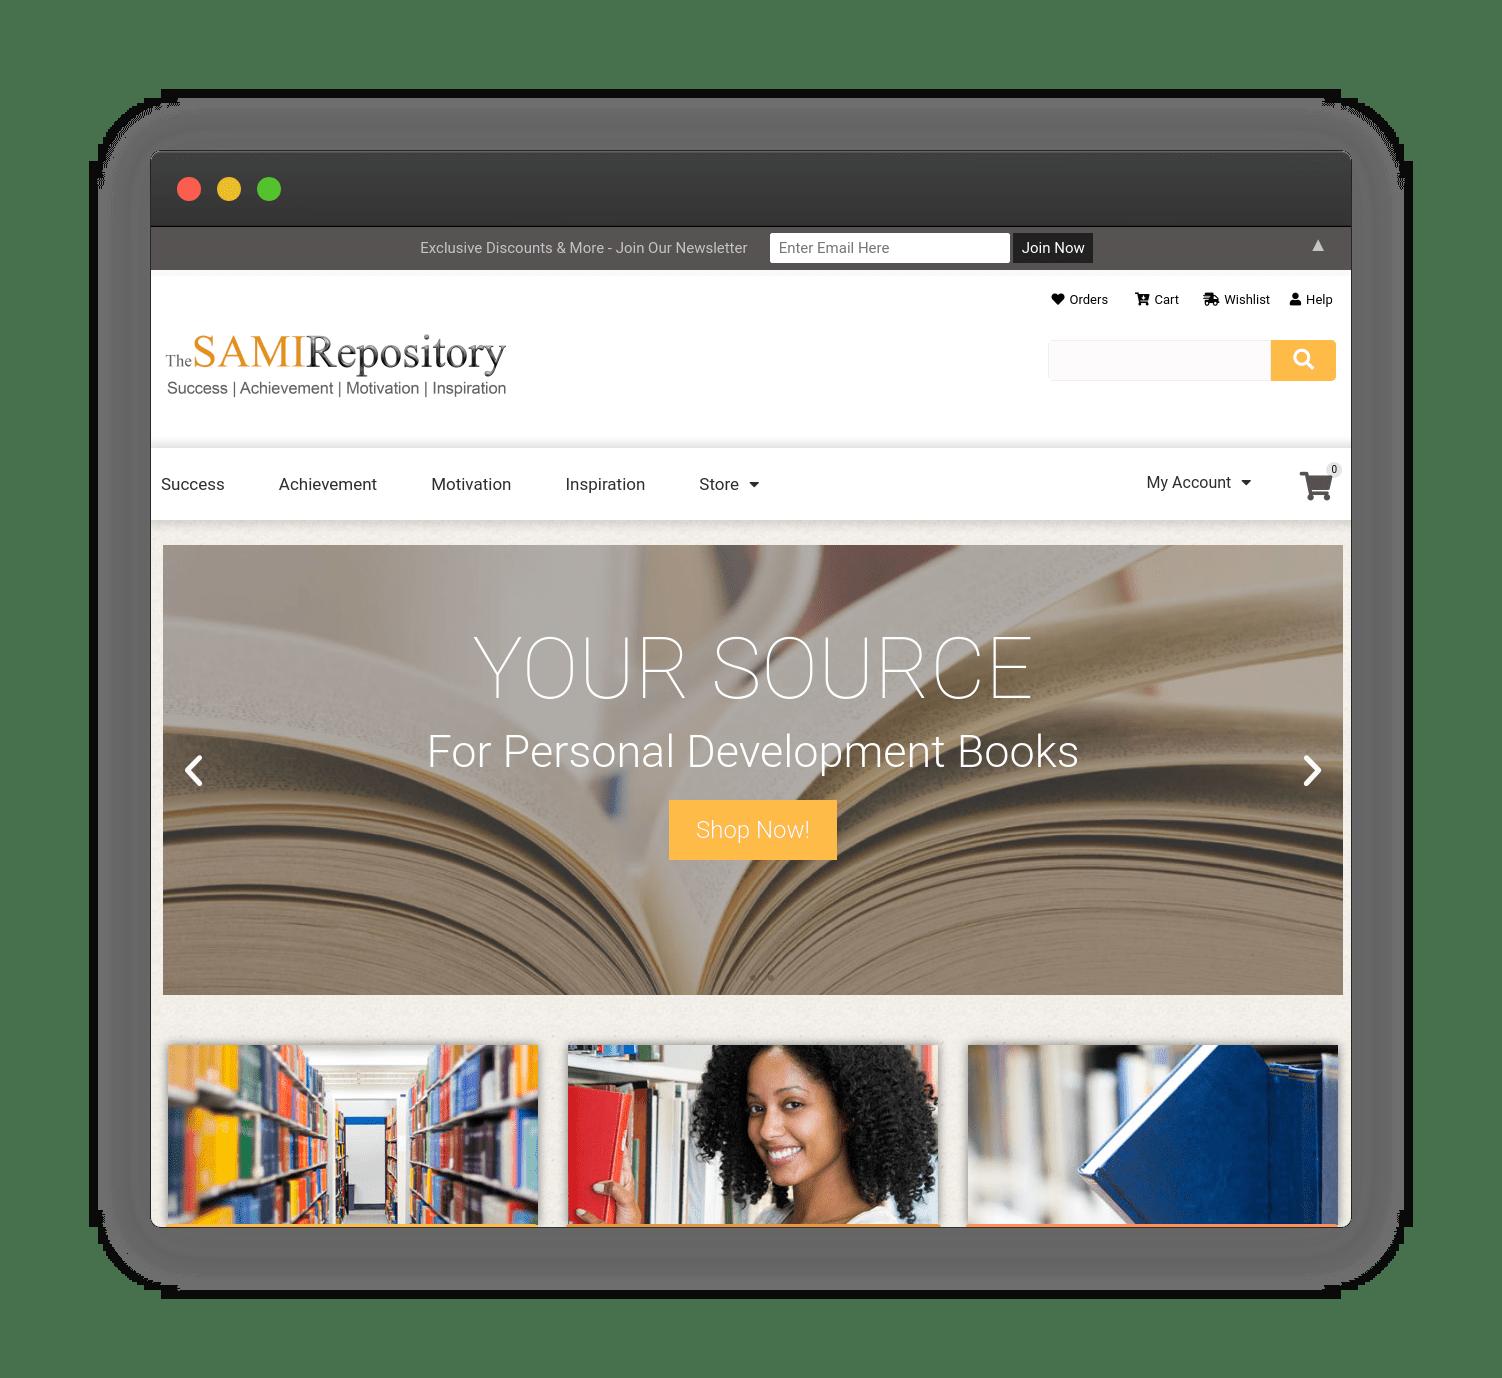 sami repository - mpiricsoftware.com